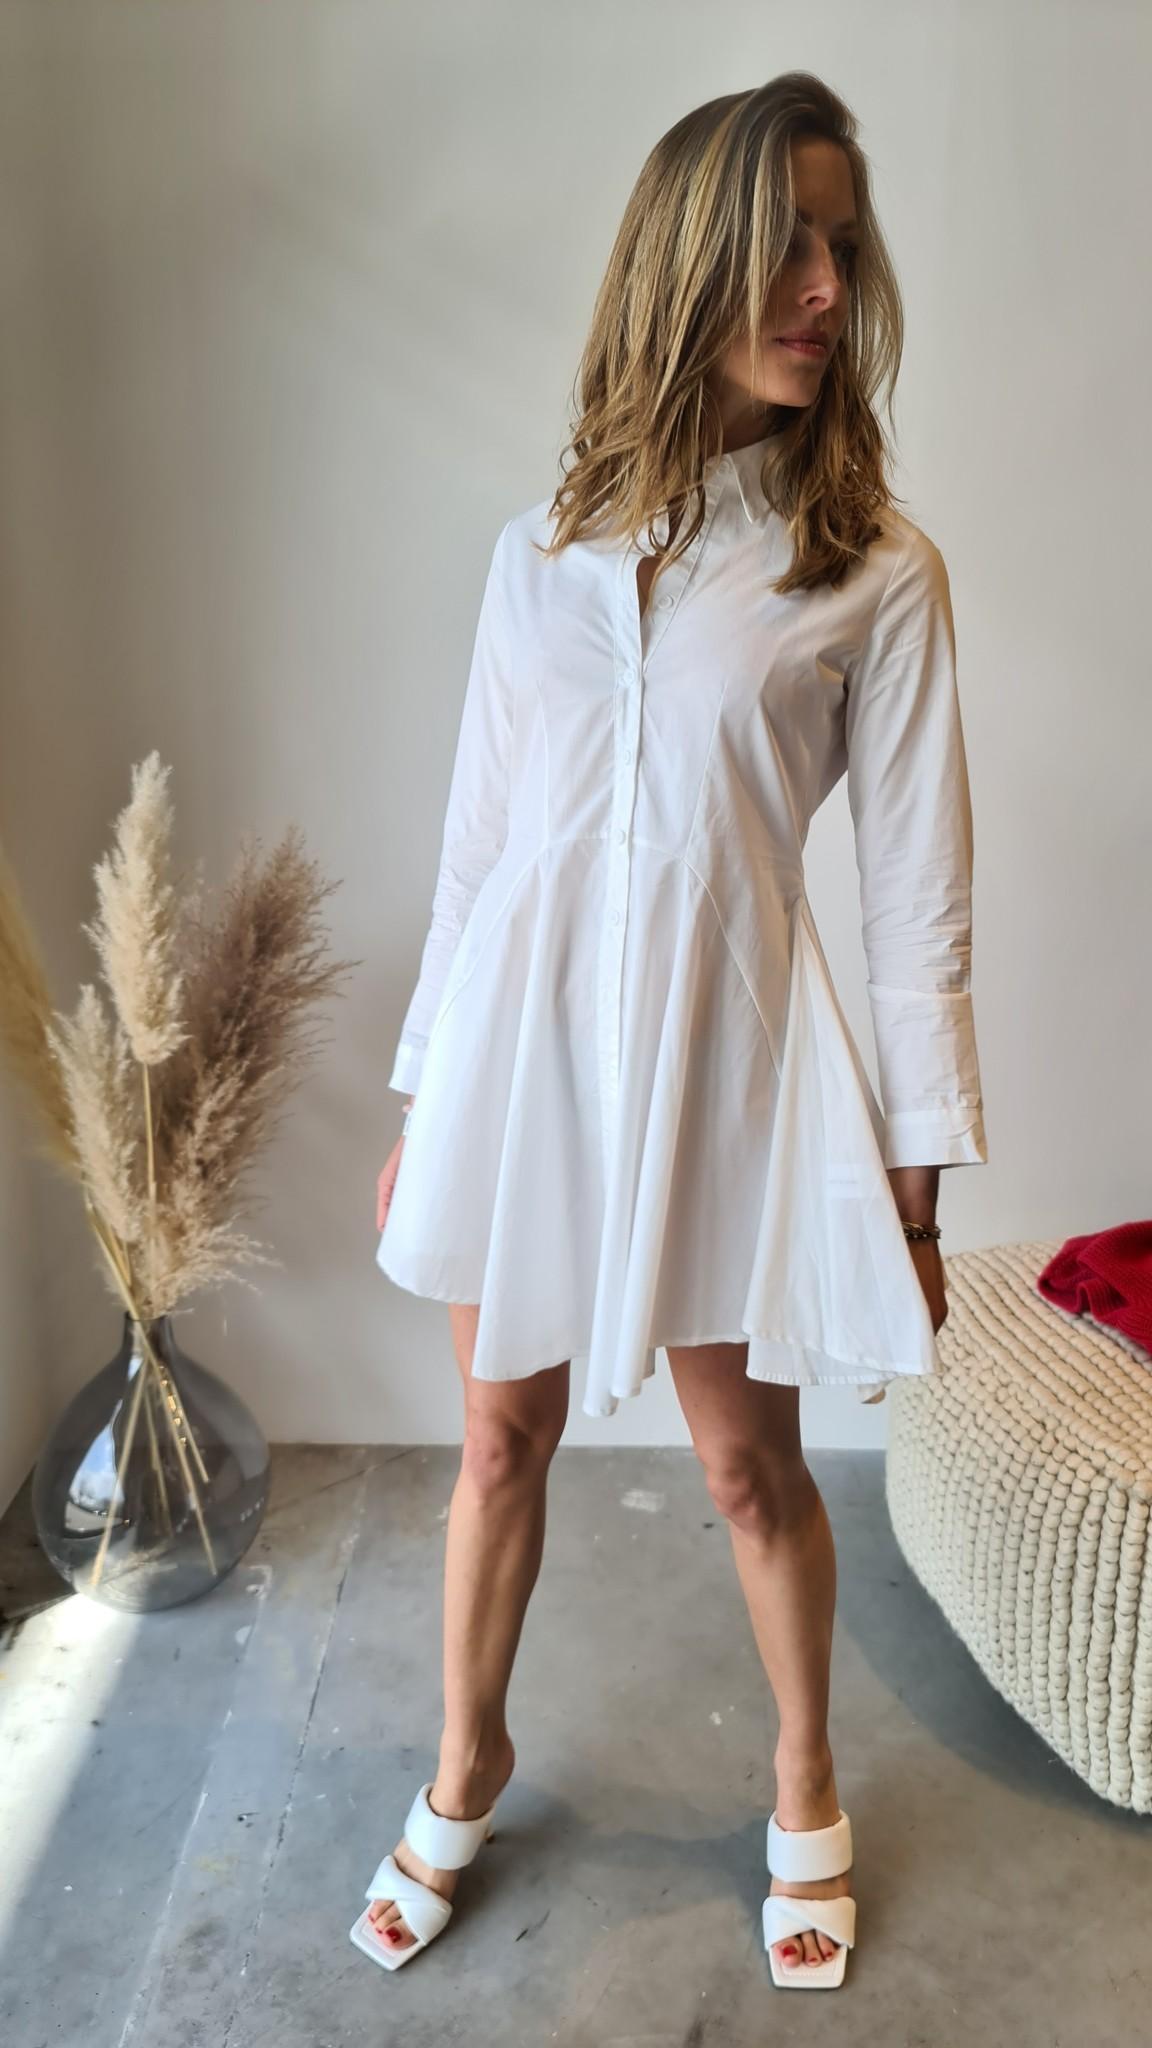 ROBIN robe-1